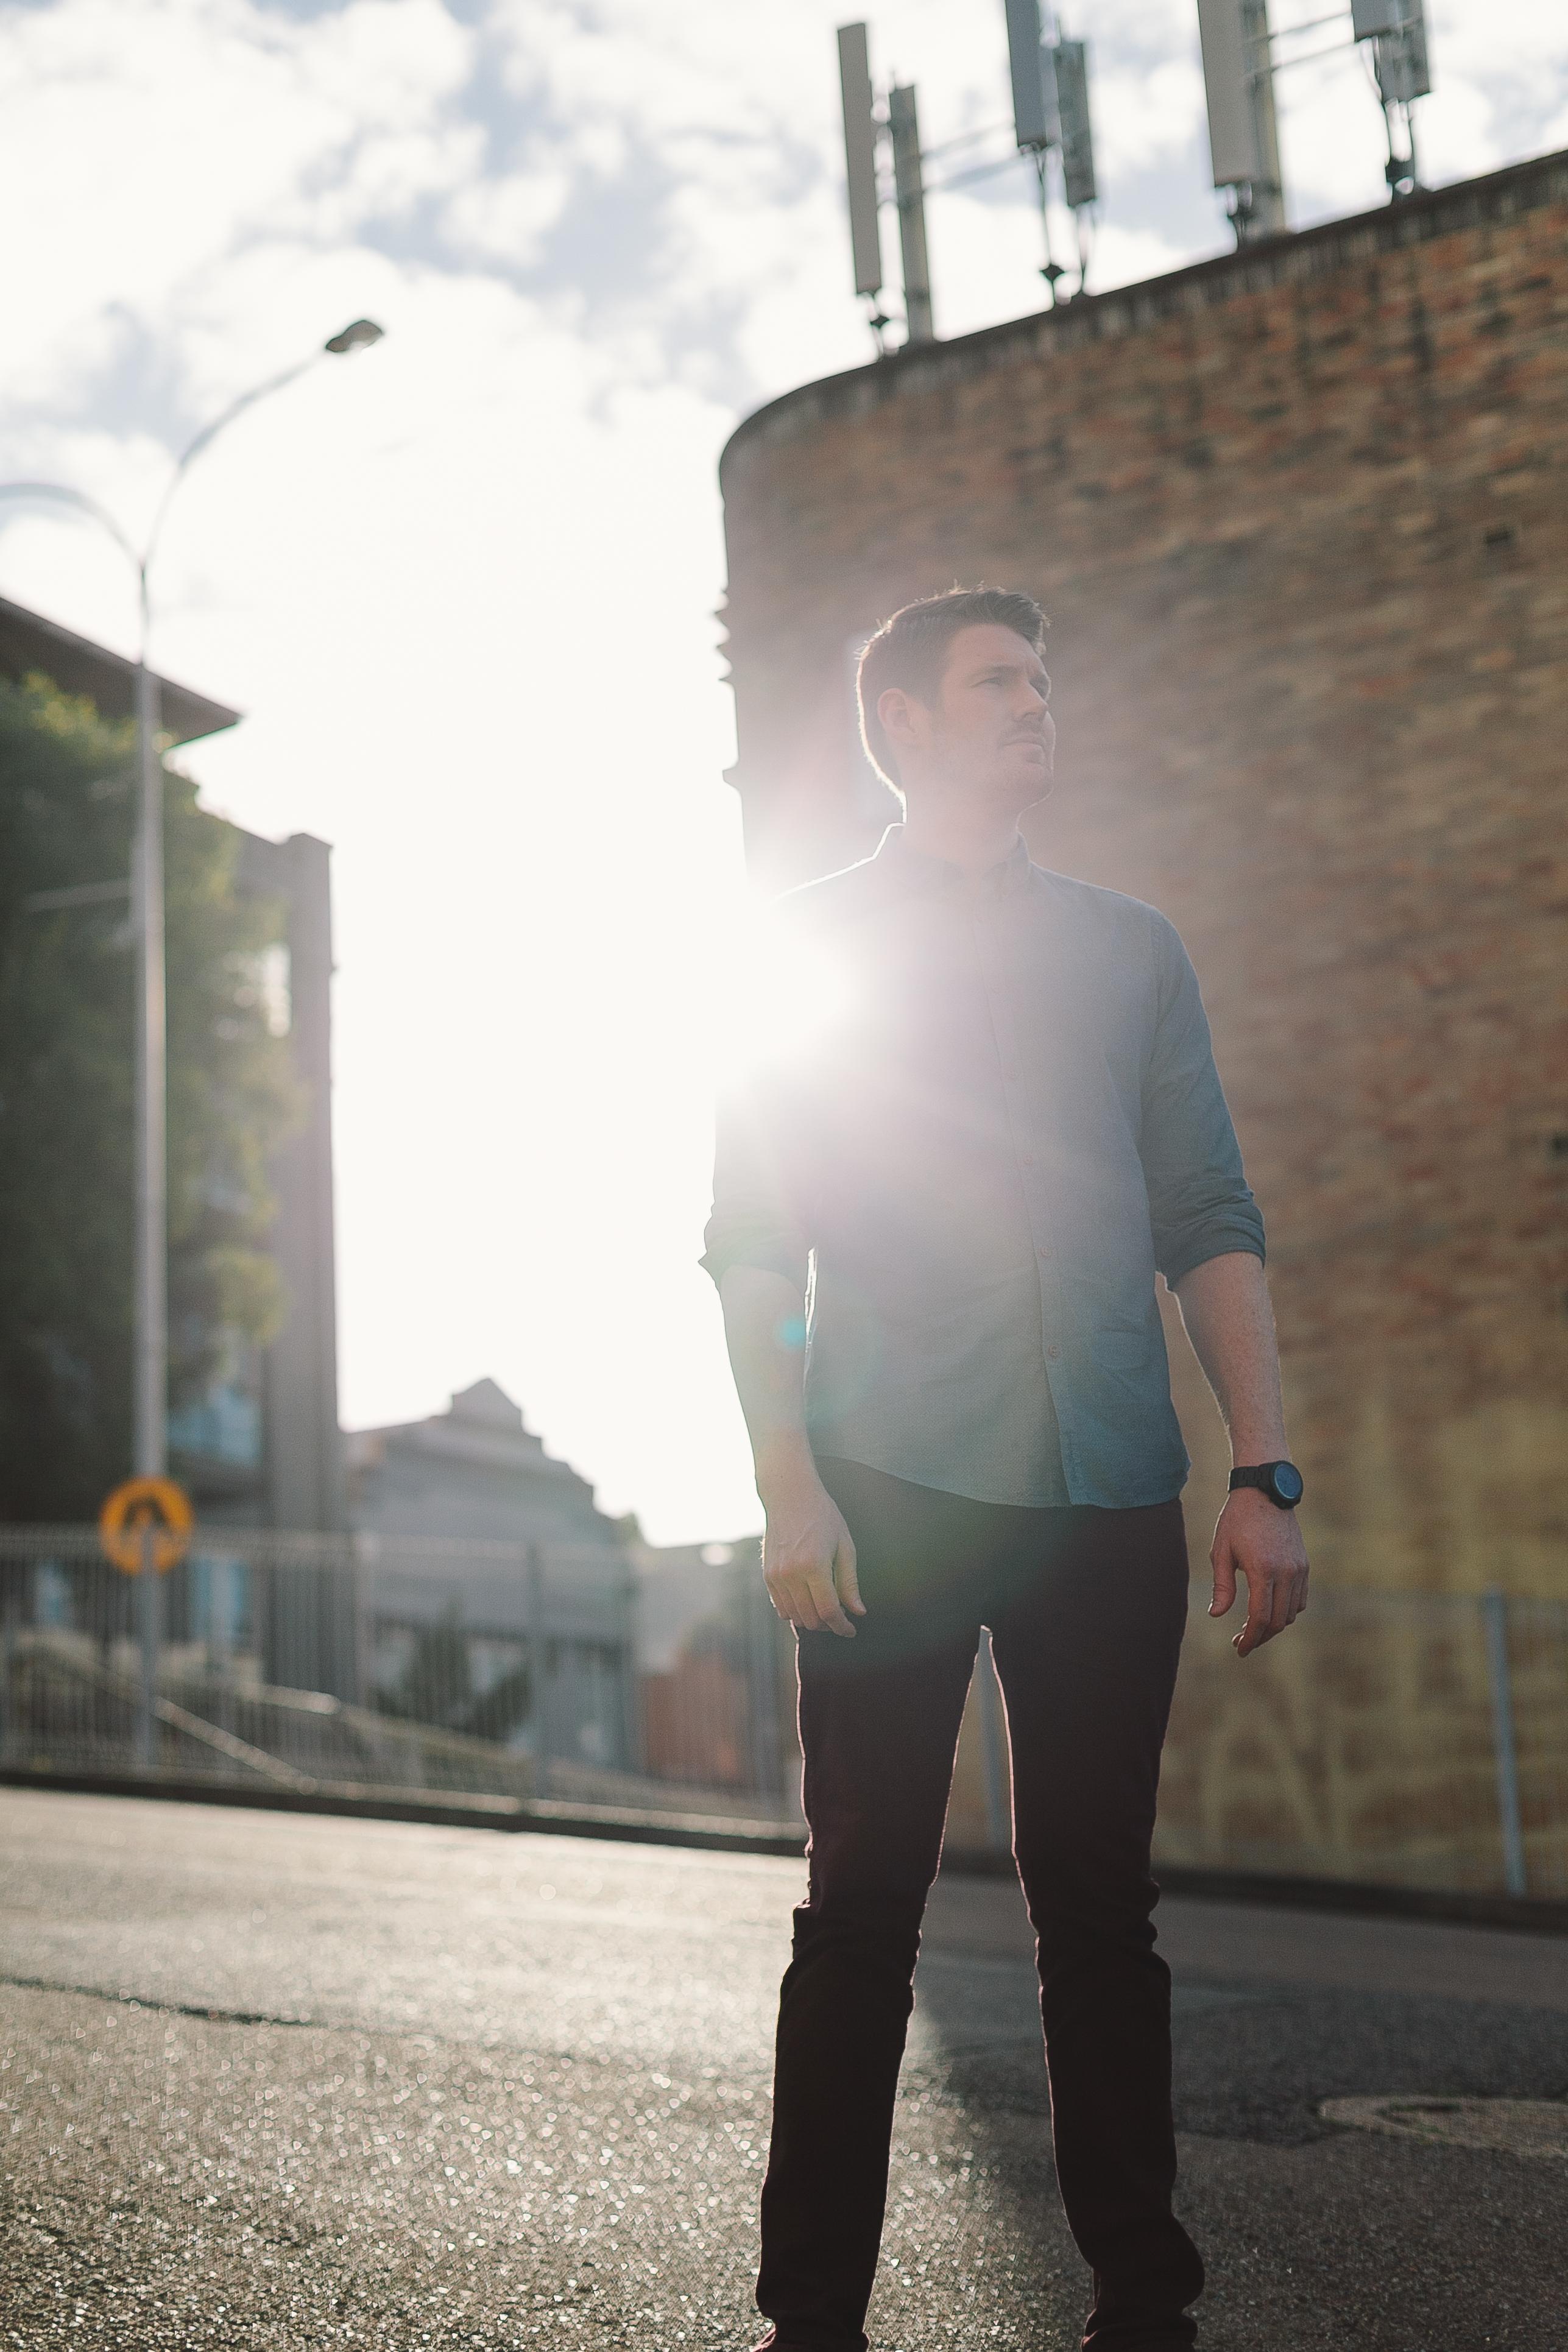 Matt Meler photo by